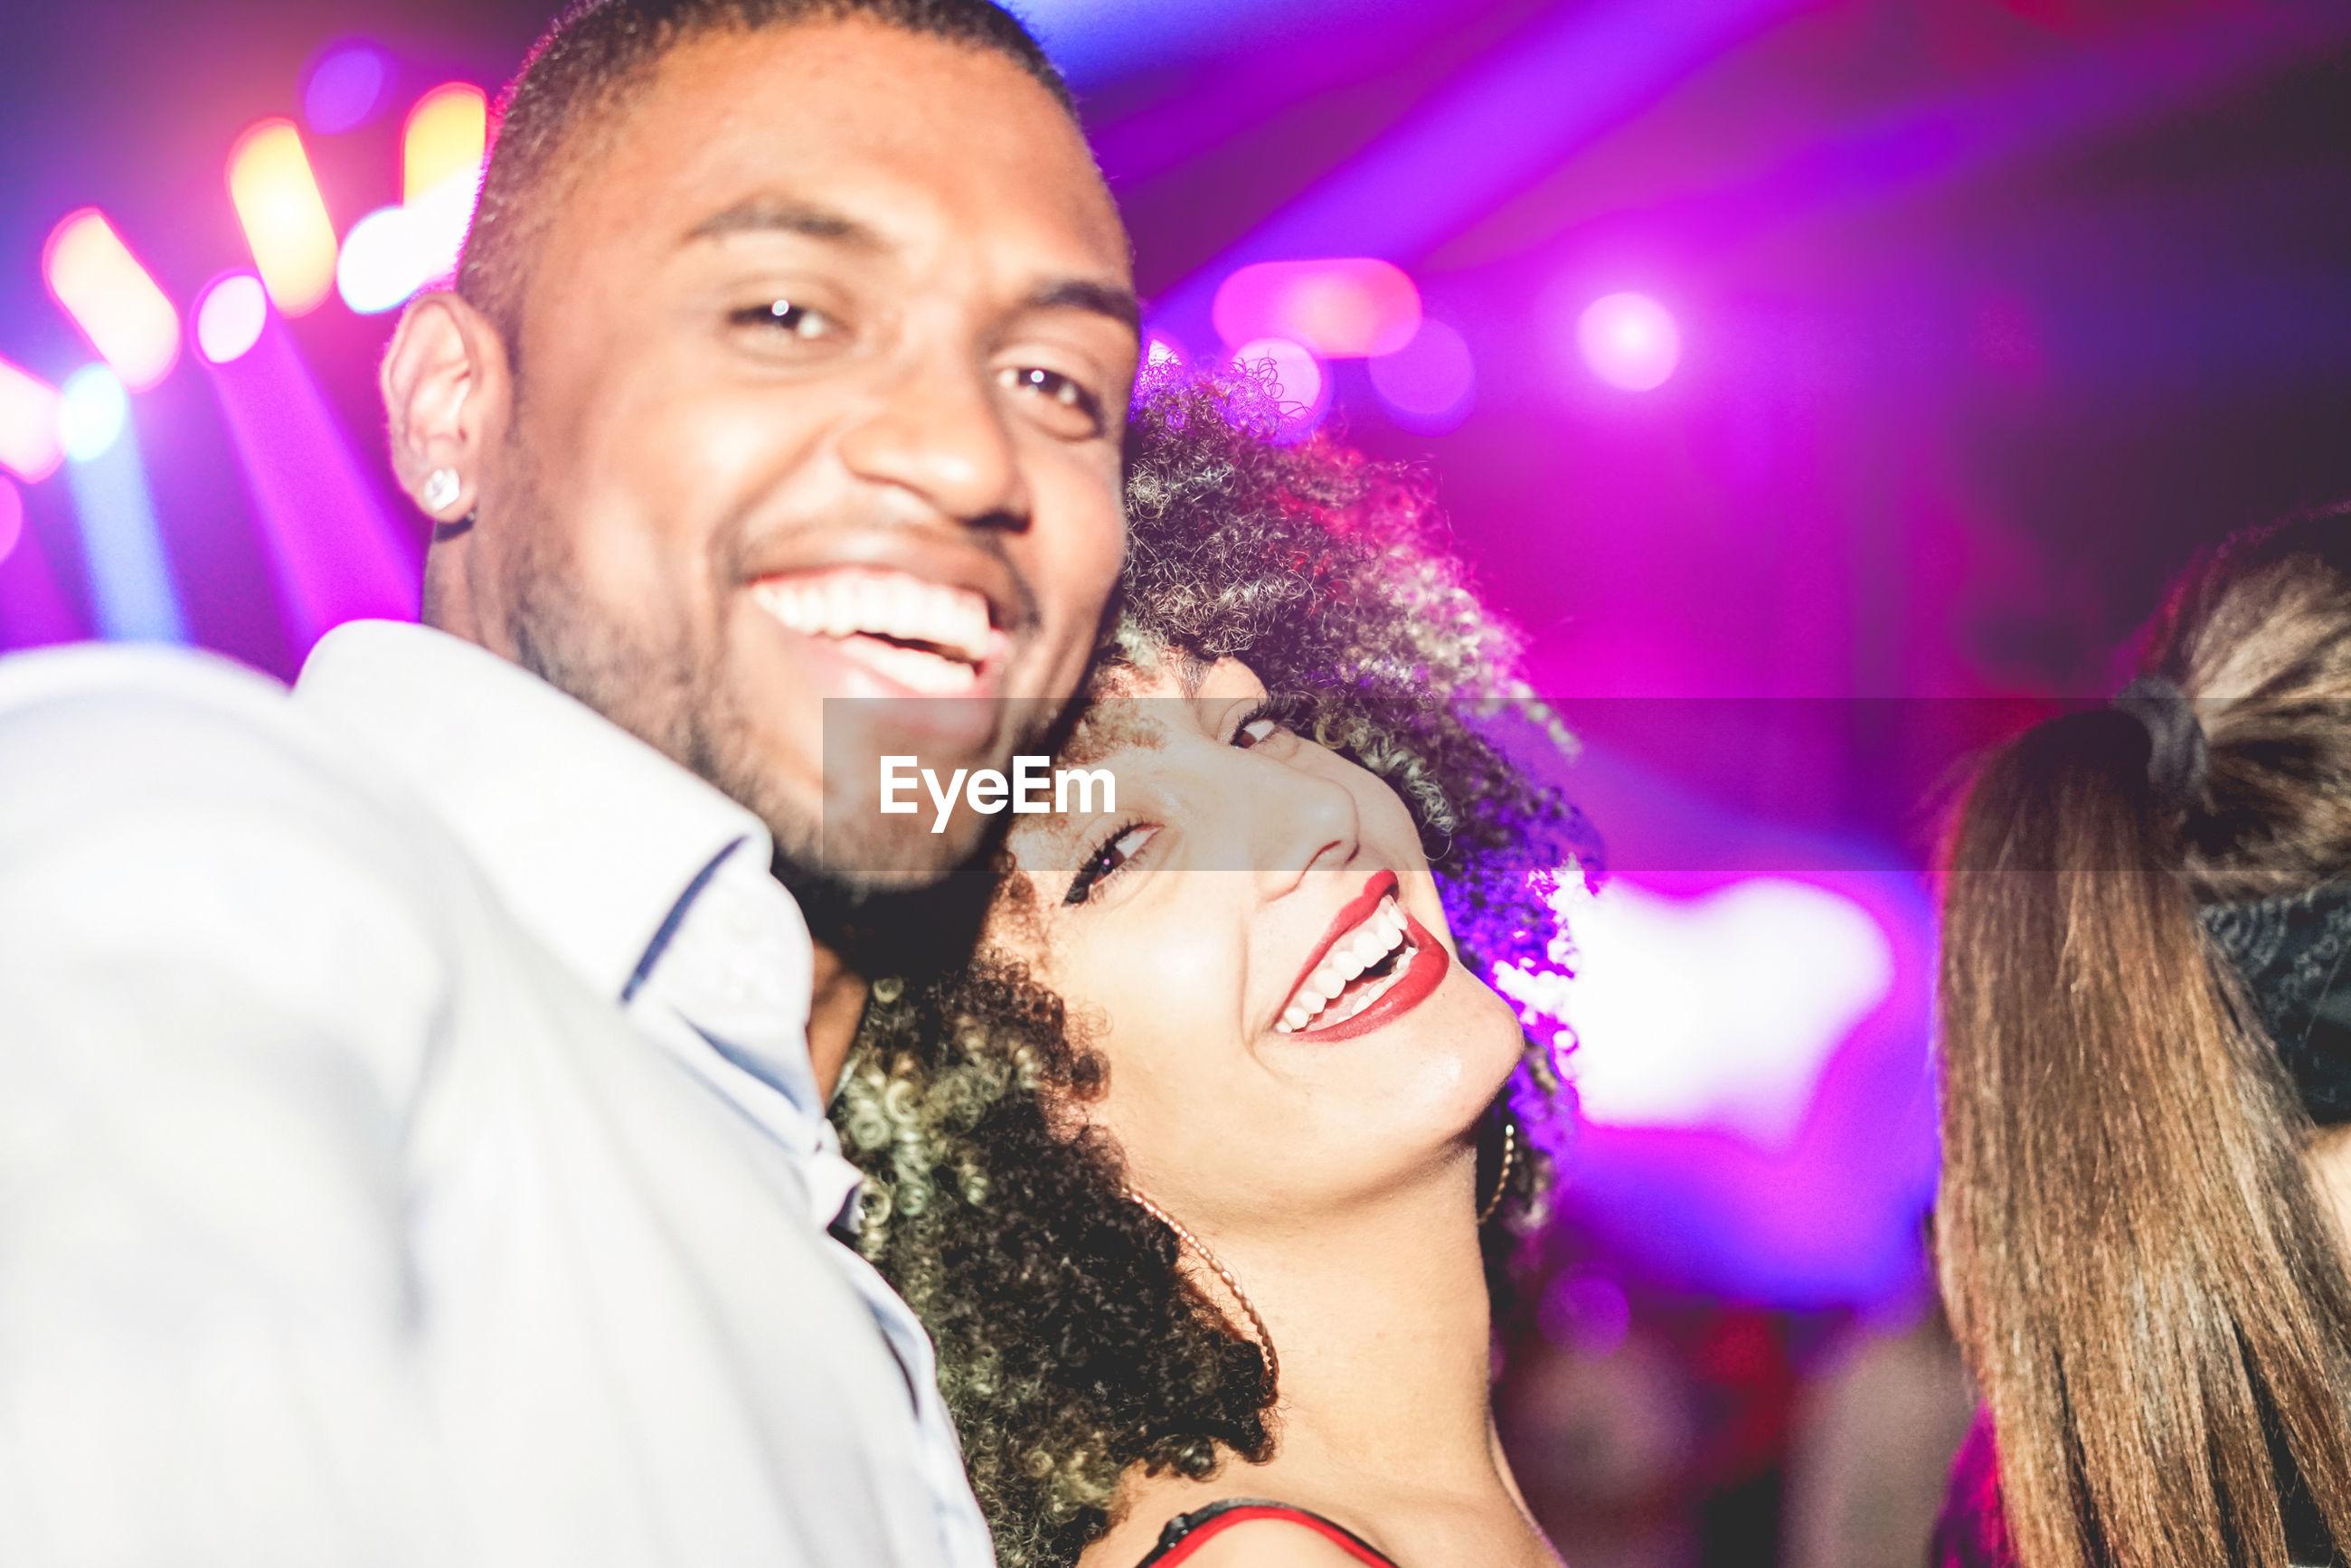 Friends enjoying in nightclub